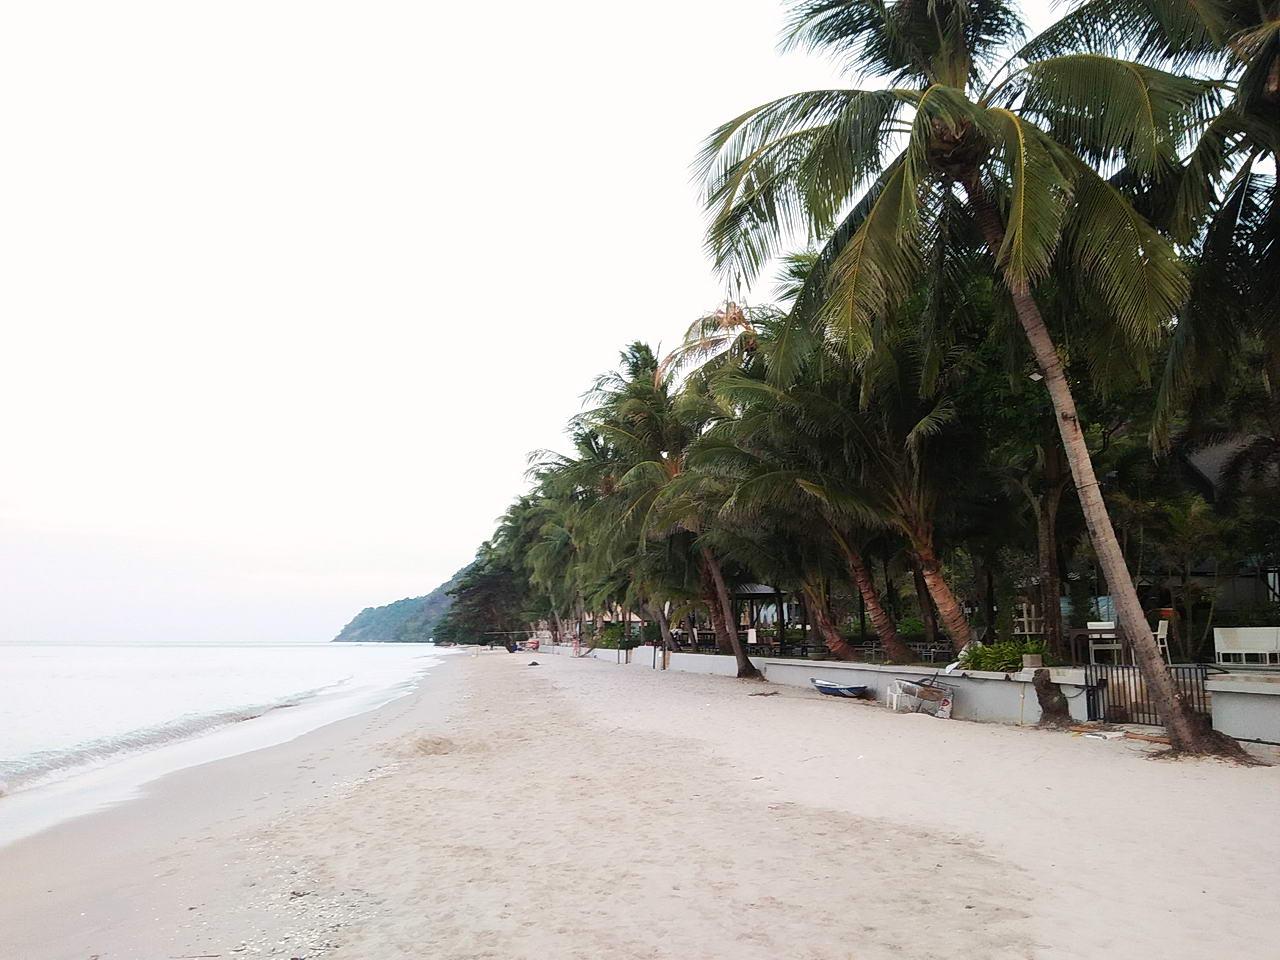 บรรยากาศบนหาดทรายขาวตอนเช้าๆ ที่เกาะช้าง จังหวัดตราด